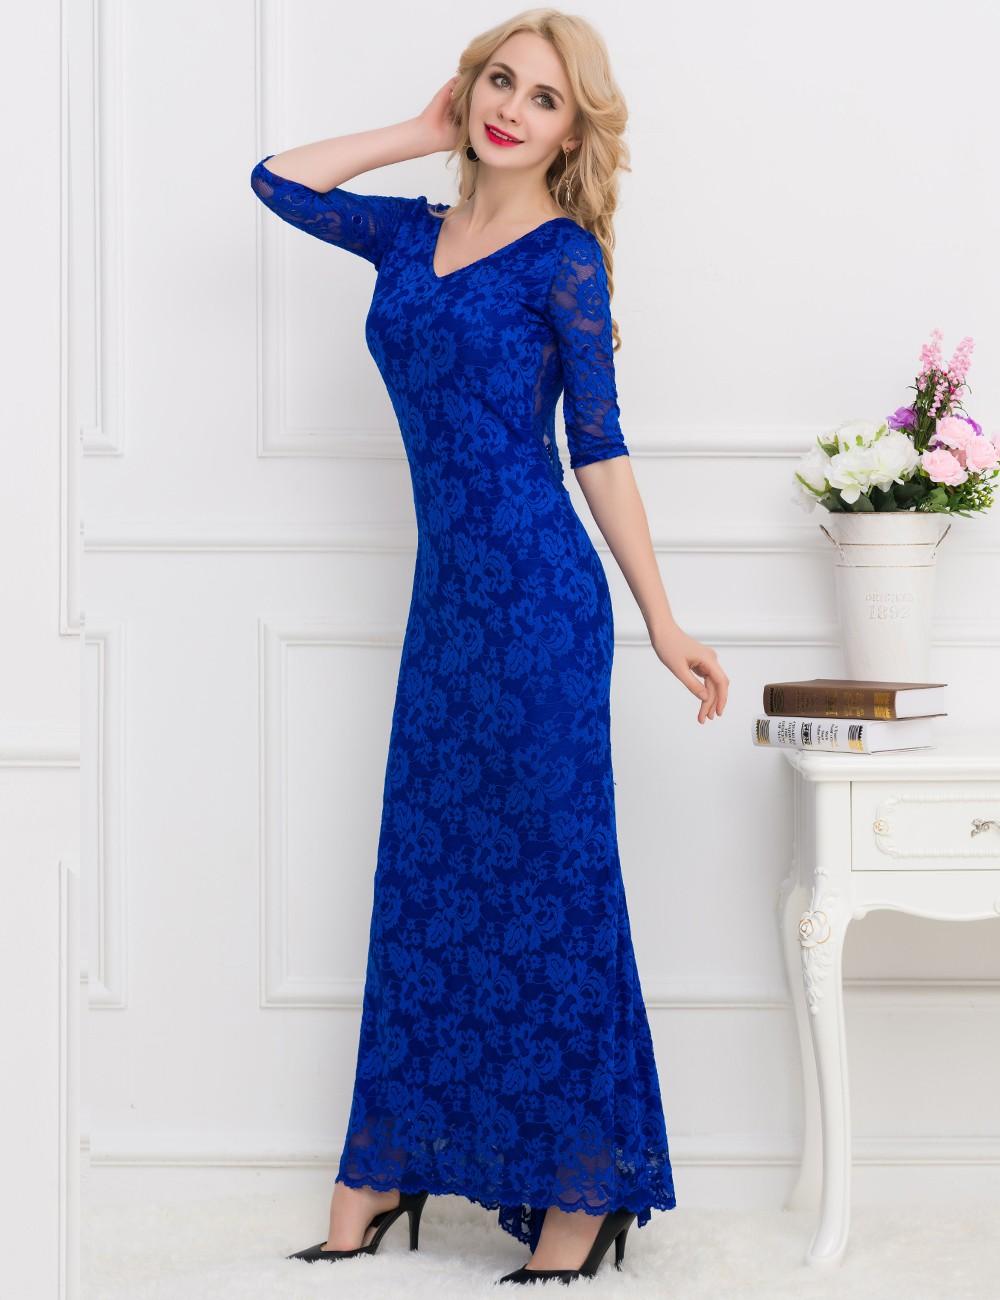 2017 ohyeah dentelle formelle de soir e longue robe pour les personnes g es buy product on. Black Bedroom Furniture Sets. Home Design Ideas